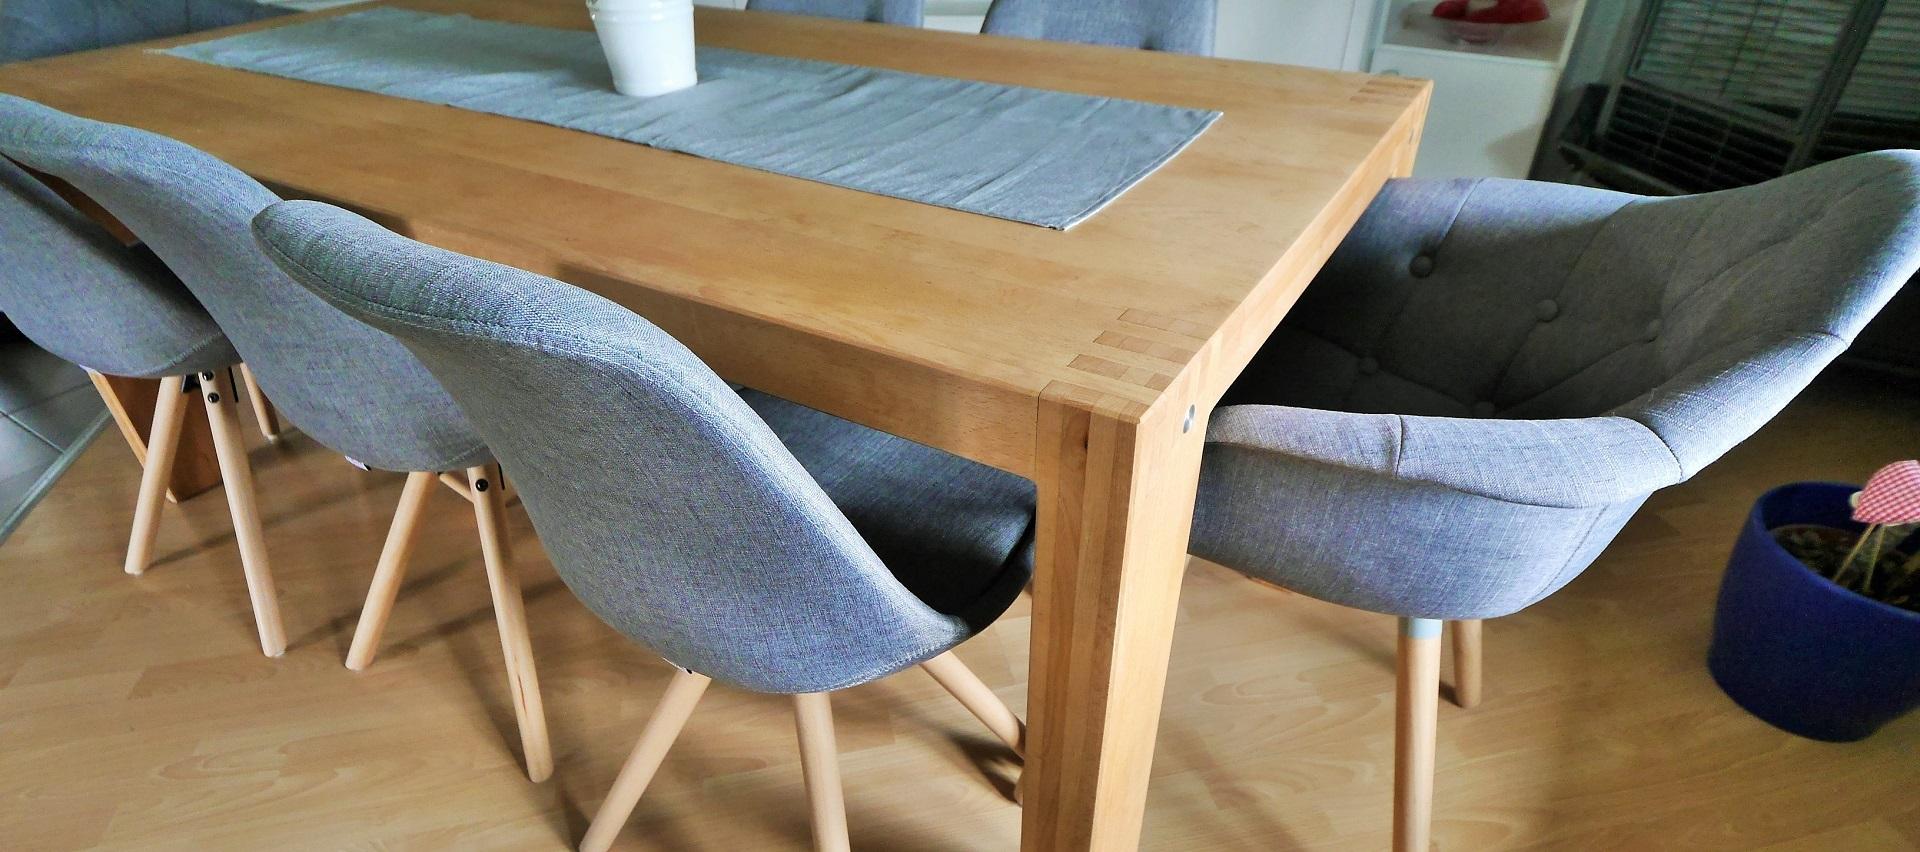 Esstisch aus Buche Massivholz bei Holz-Hauff GmbH in Leingarten